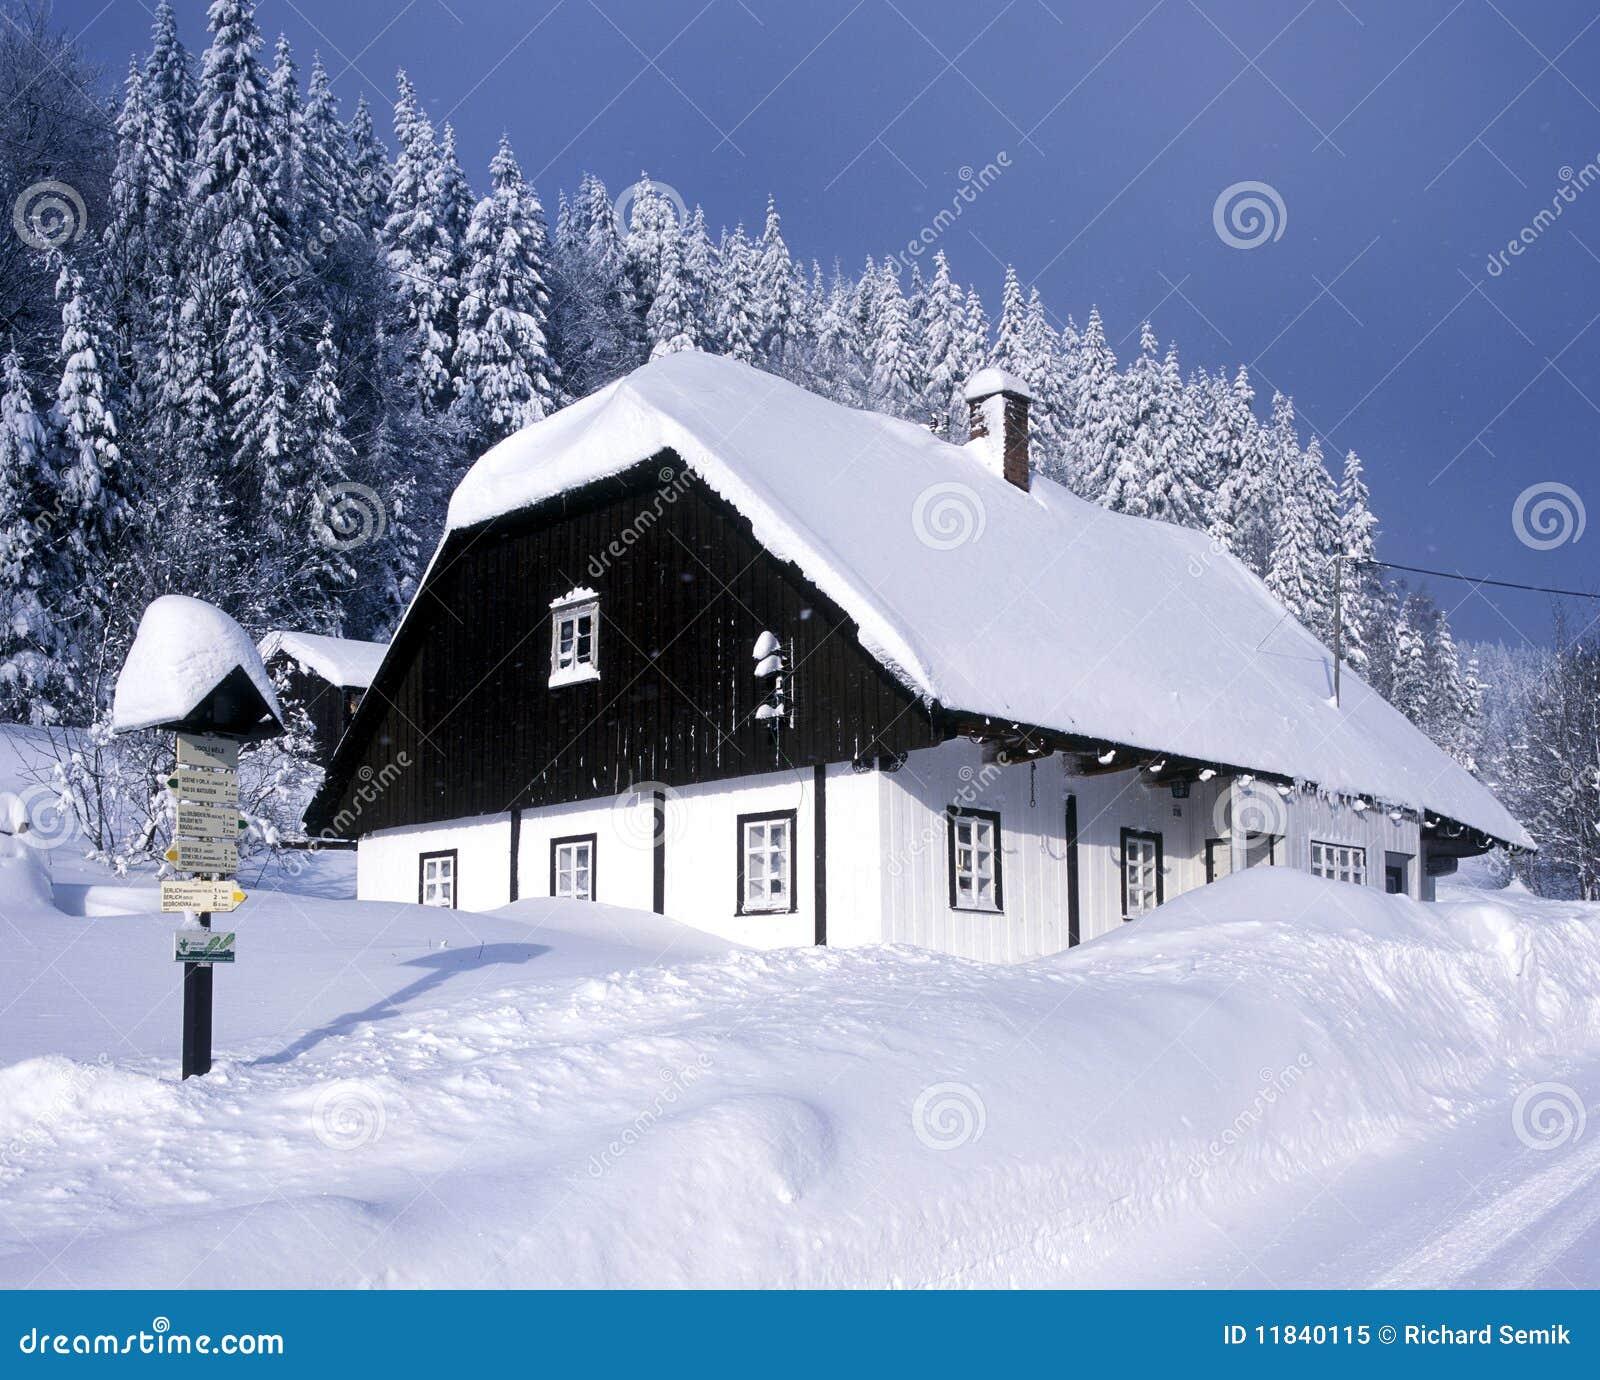 Caba a en invierno foto de archivo libre de regal as imagen 11840115 - Cabana invierno ...